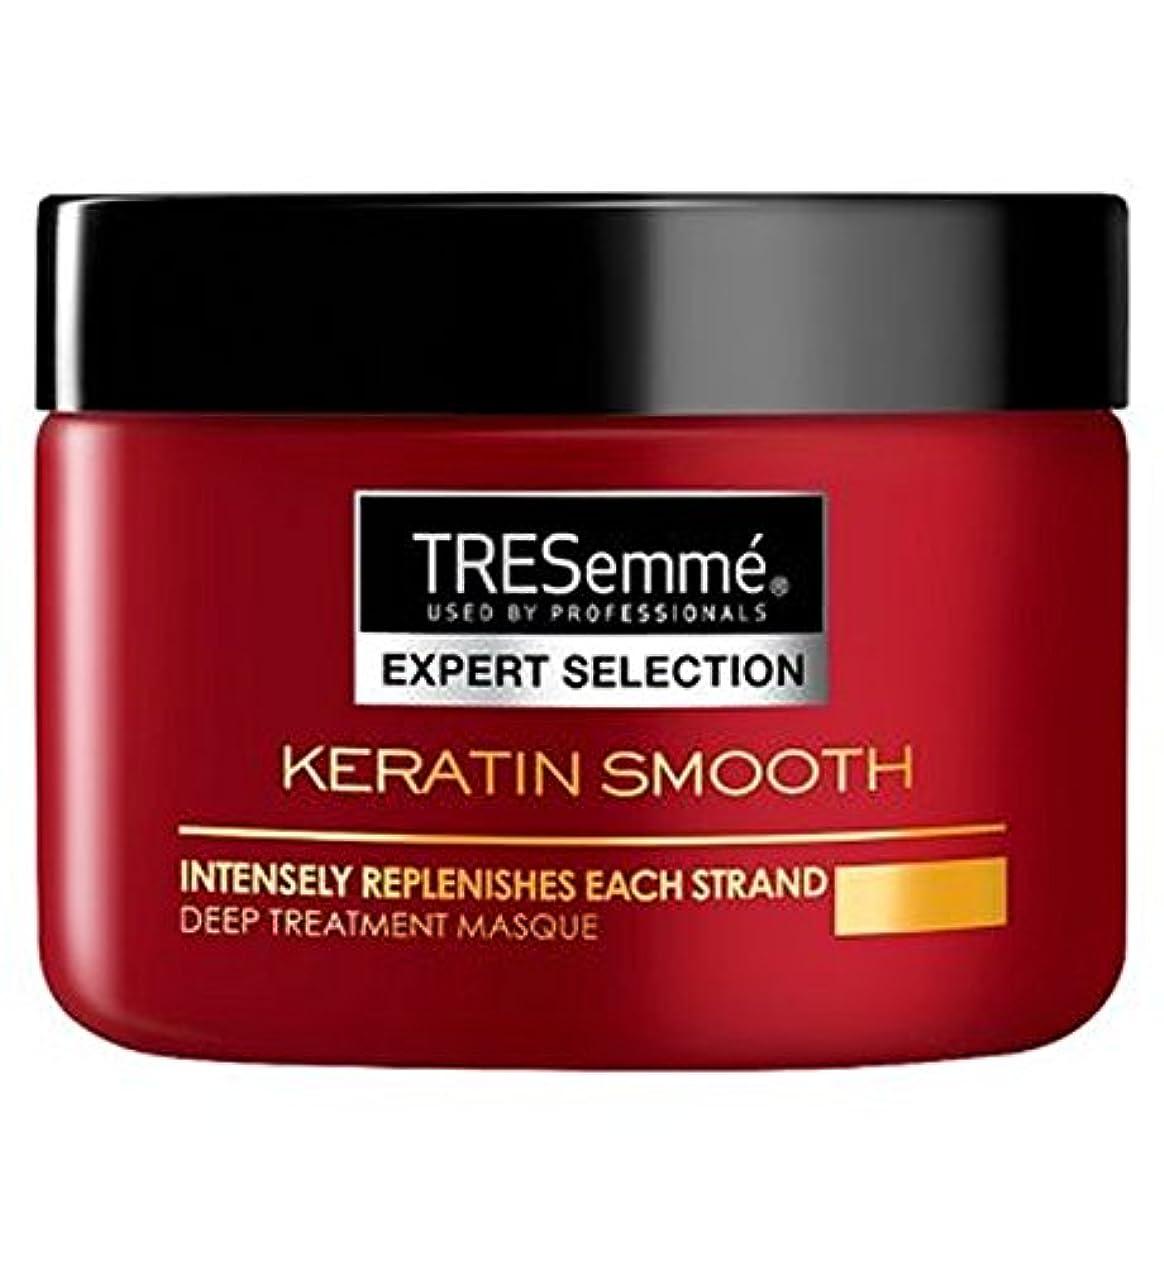 思慮深いポジティブ死Tresemme Keratin Smooth Deep Treatment Masque 300ml - Tresemmeケラチン滑らかな深い治療の仮面劇の300ミリリットル (Tresemme) [並行輸入品]